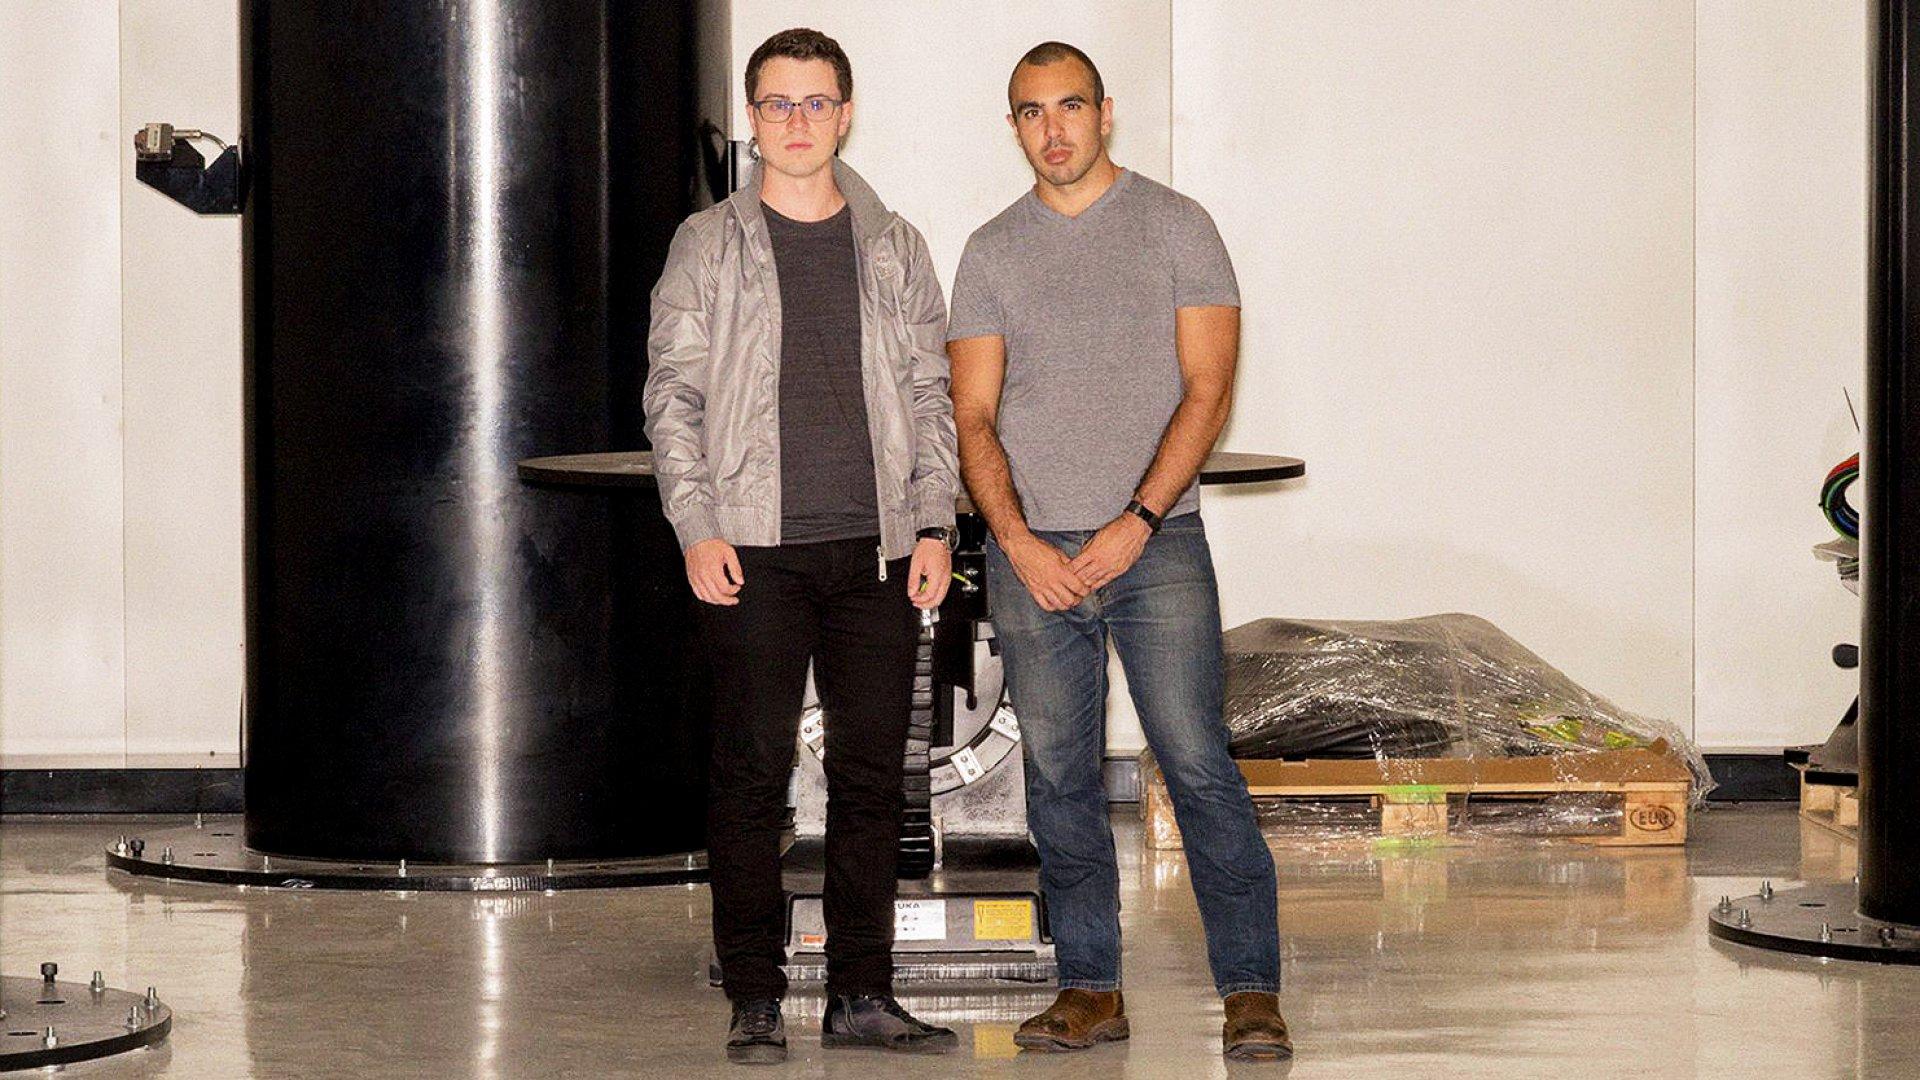 Relativity Space co-founders Tim Ellis and Jordan Noone.